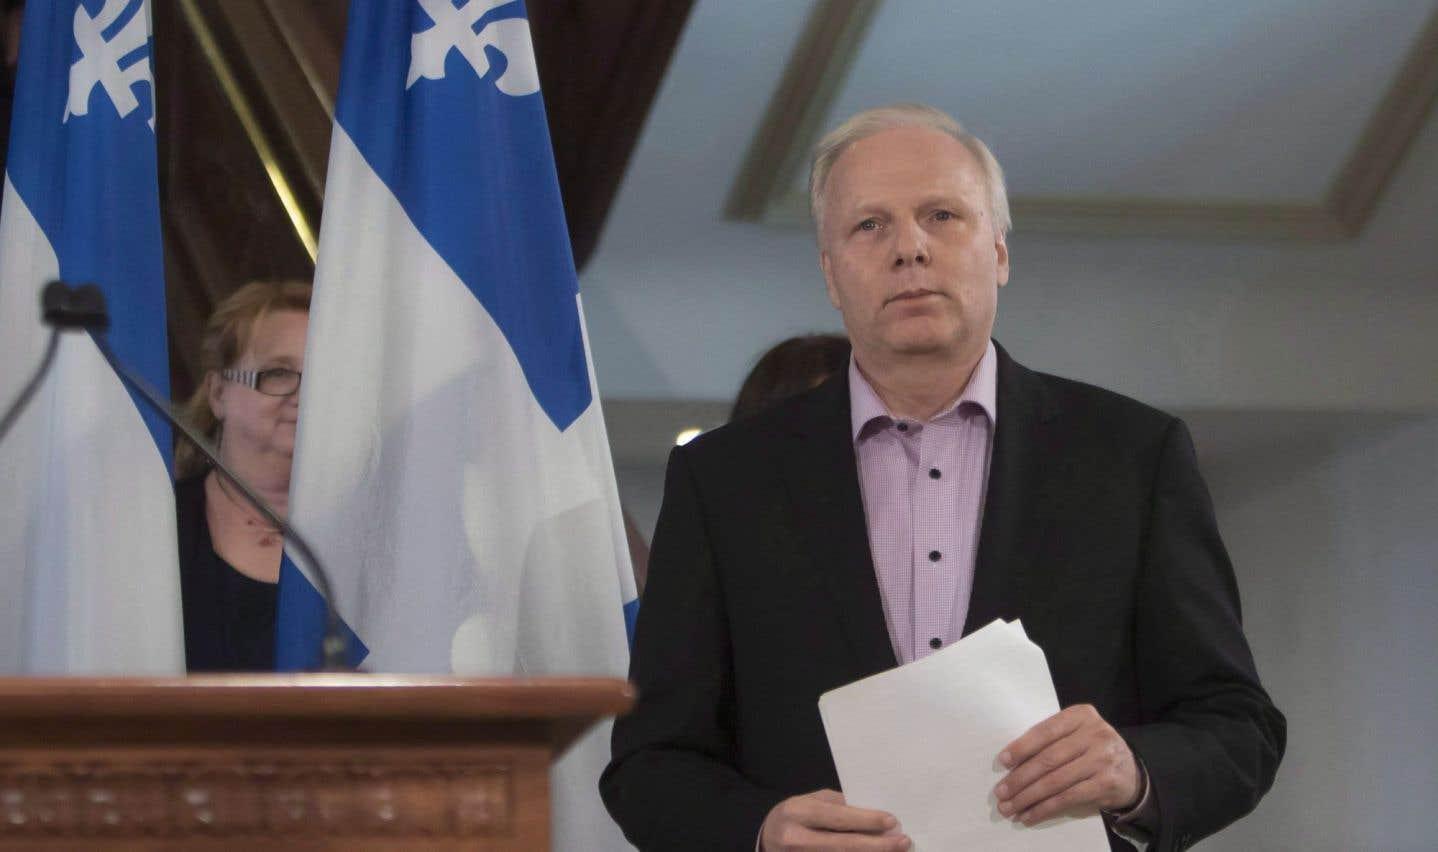 Le PQ amorce son congrès à Montréal